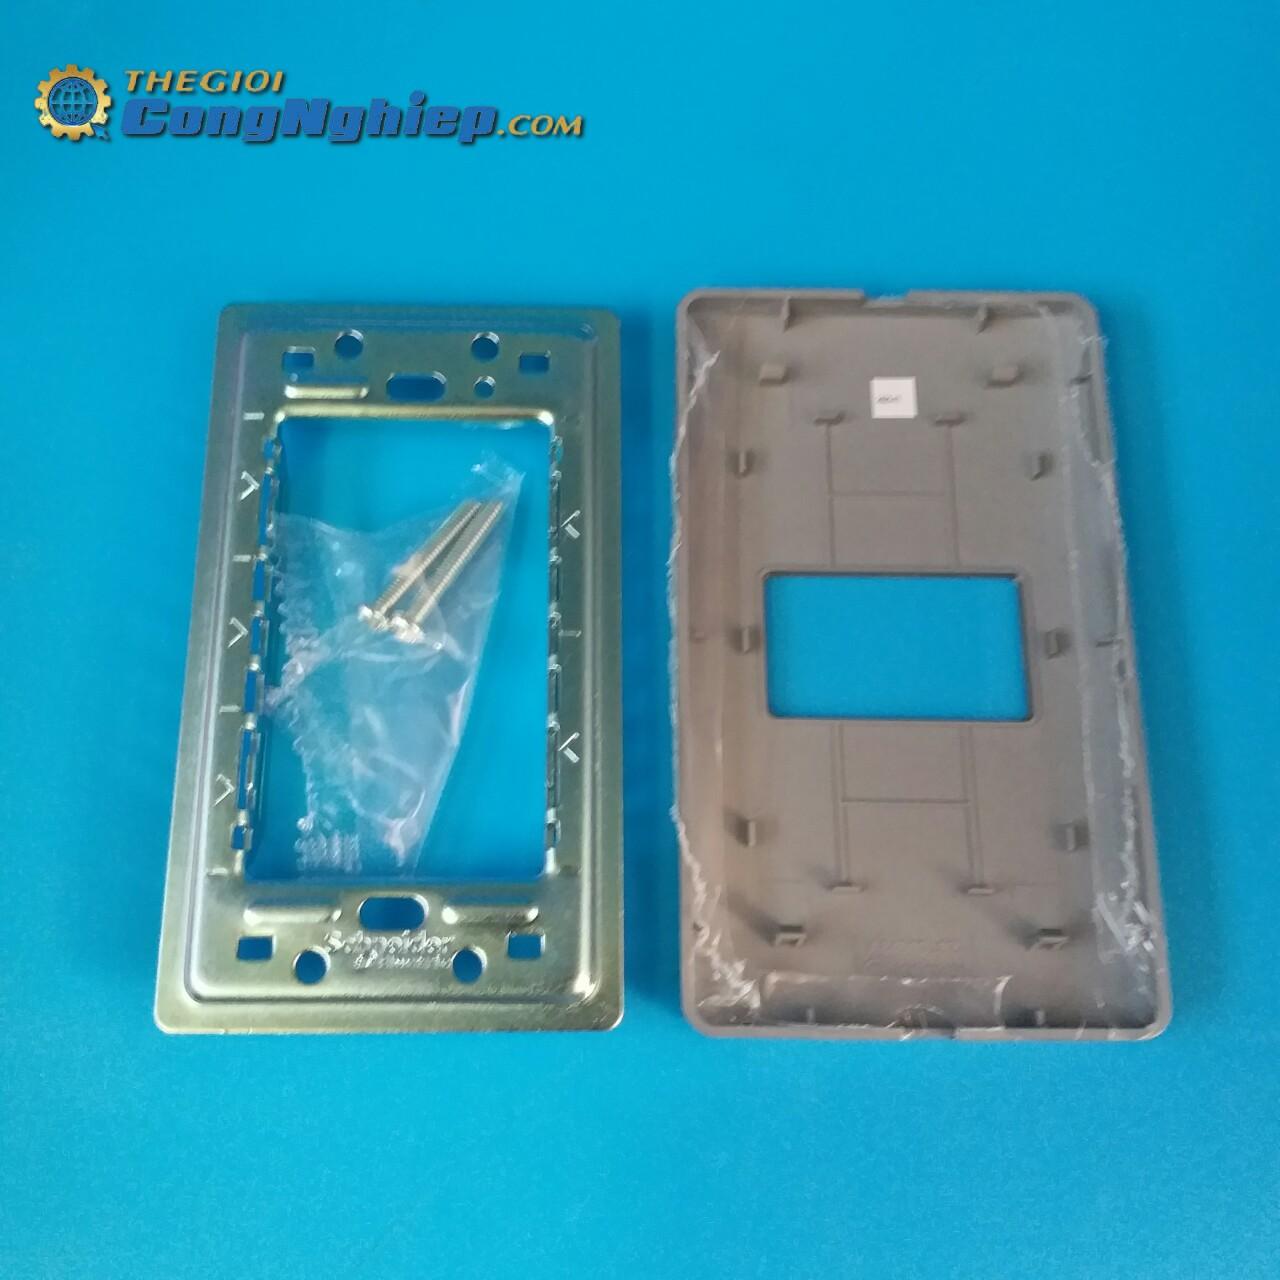 Mặt cho 1 thiết bị size S, màu đồng ánh bạc  A8401S_SZ_G19 schneider-electric